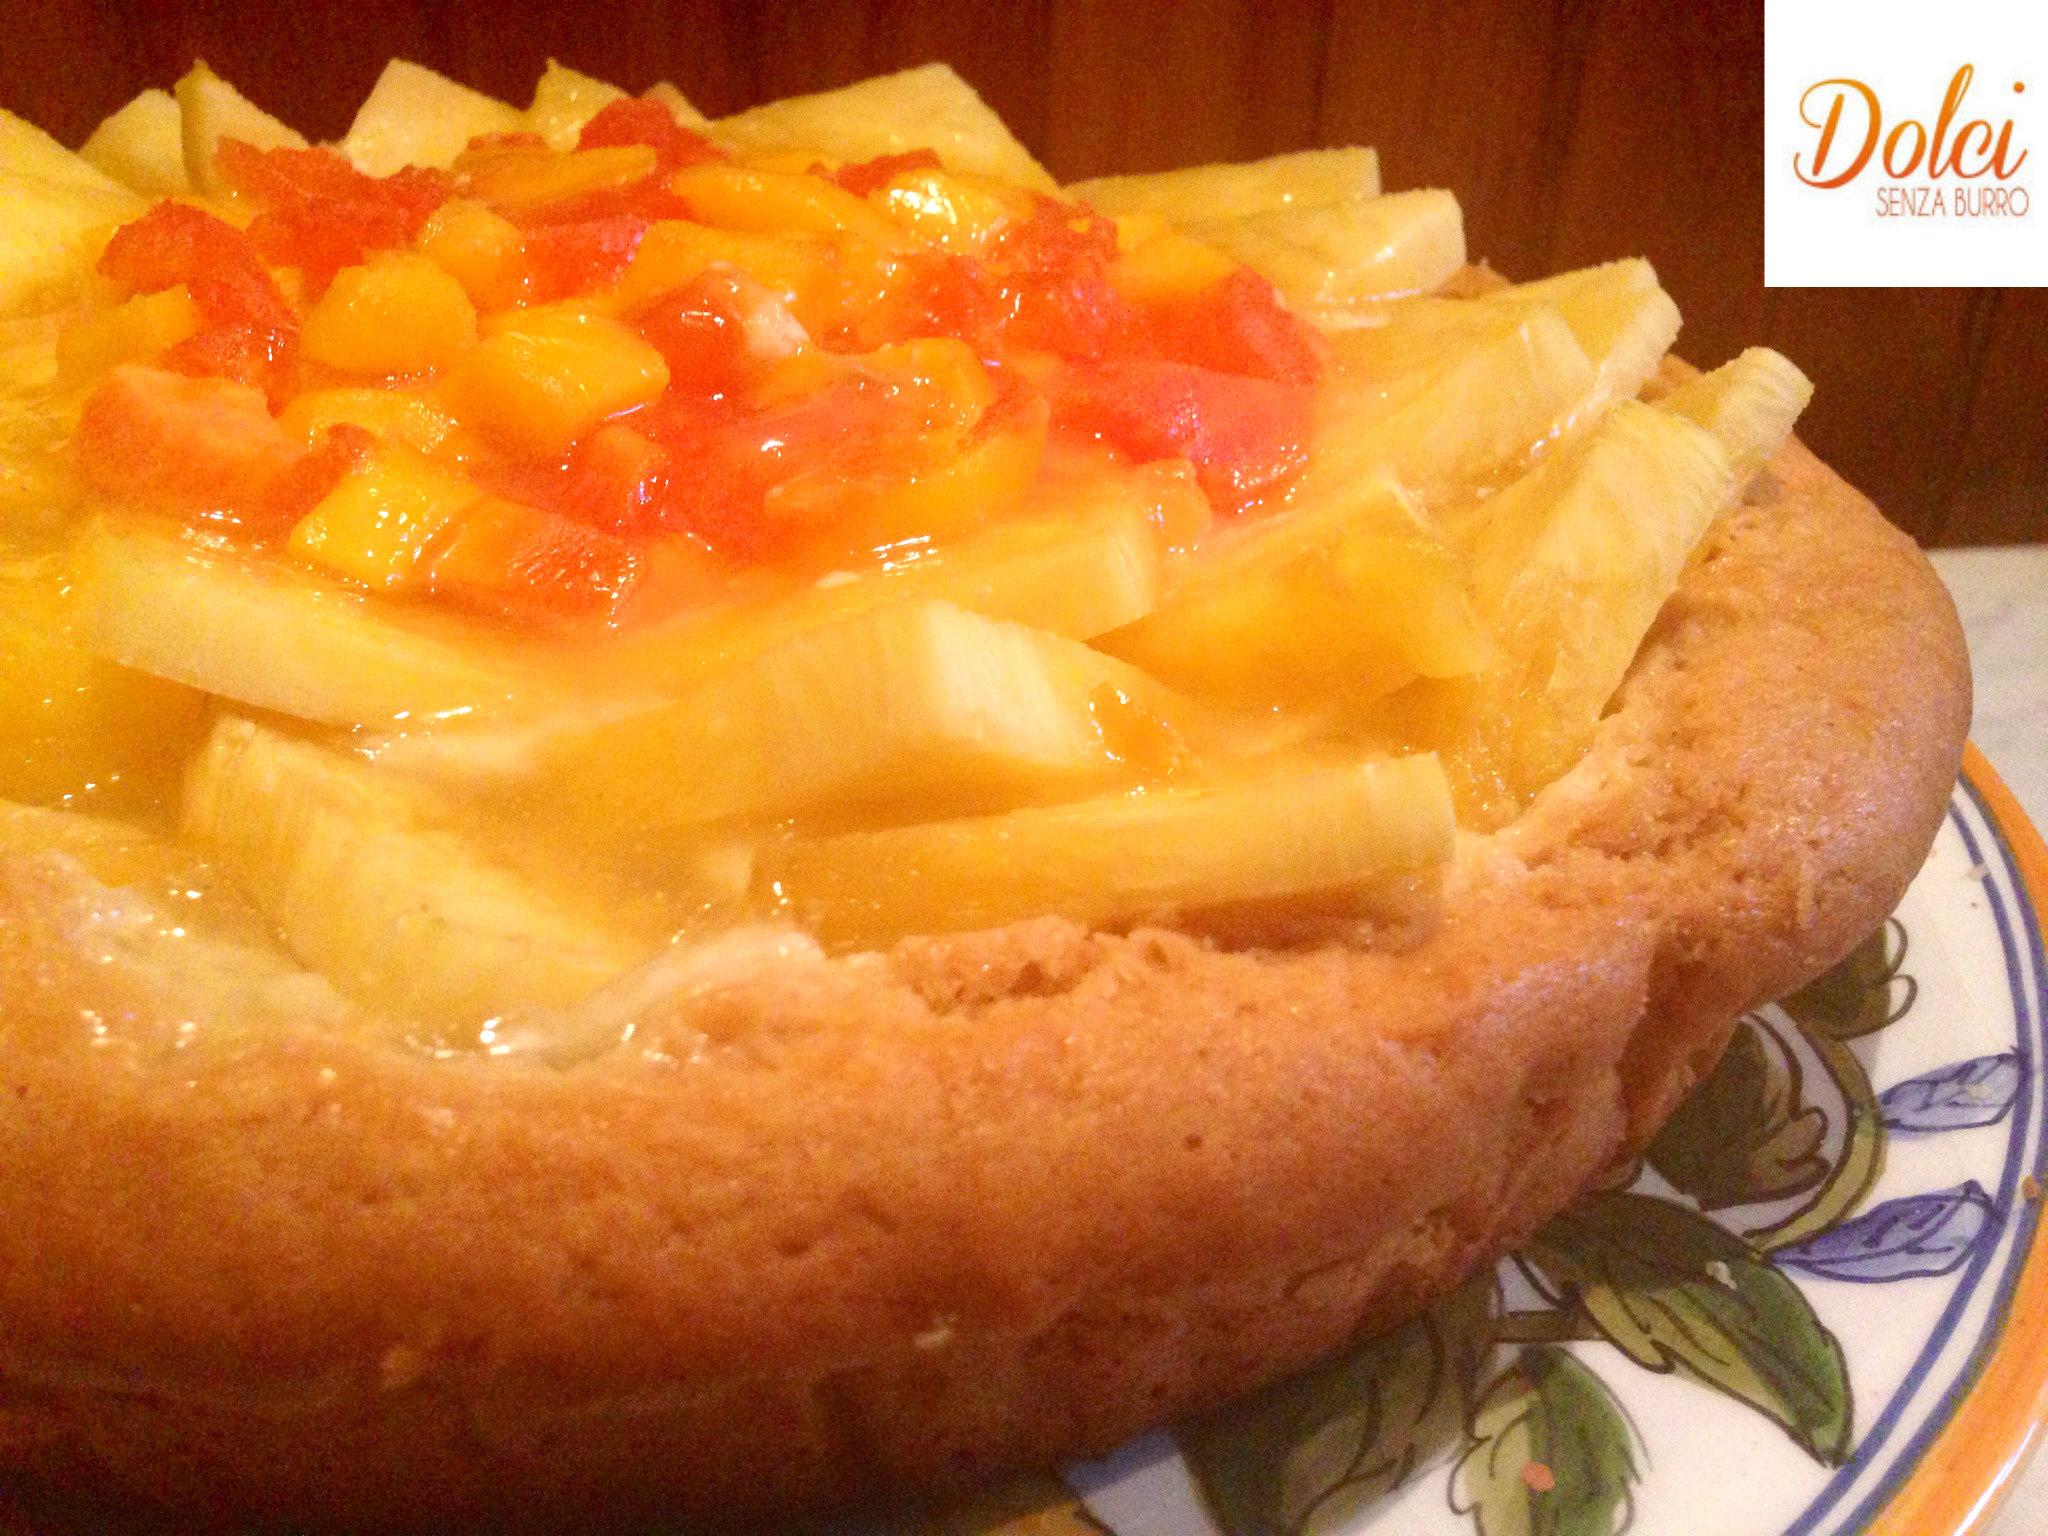 La Crostata Senza Burro e Uova, il dolce esotico di dolci senza burro